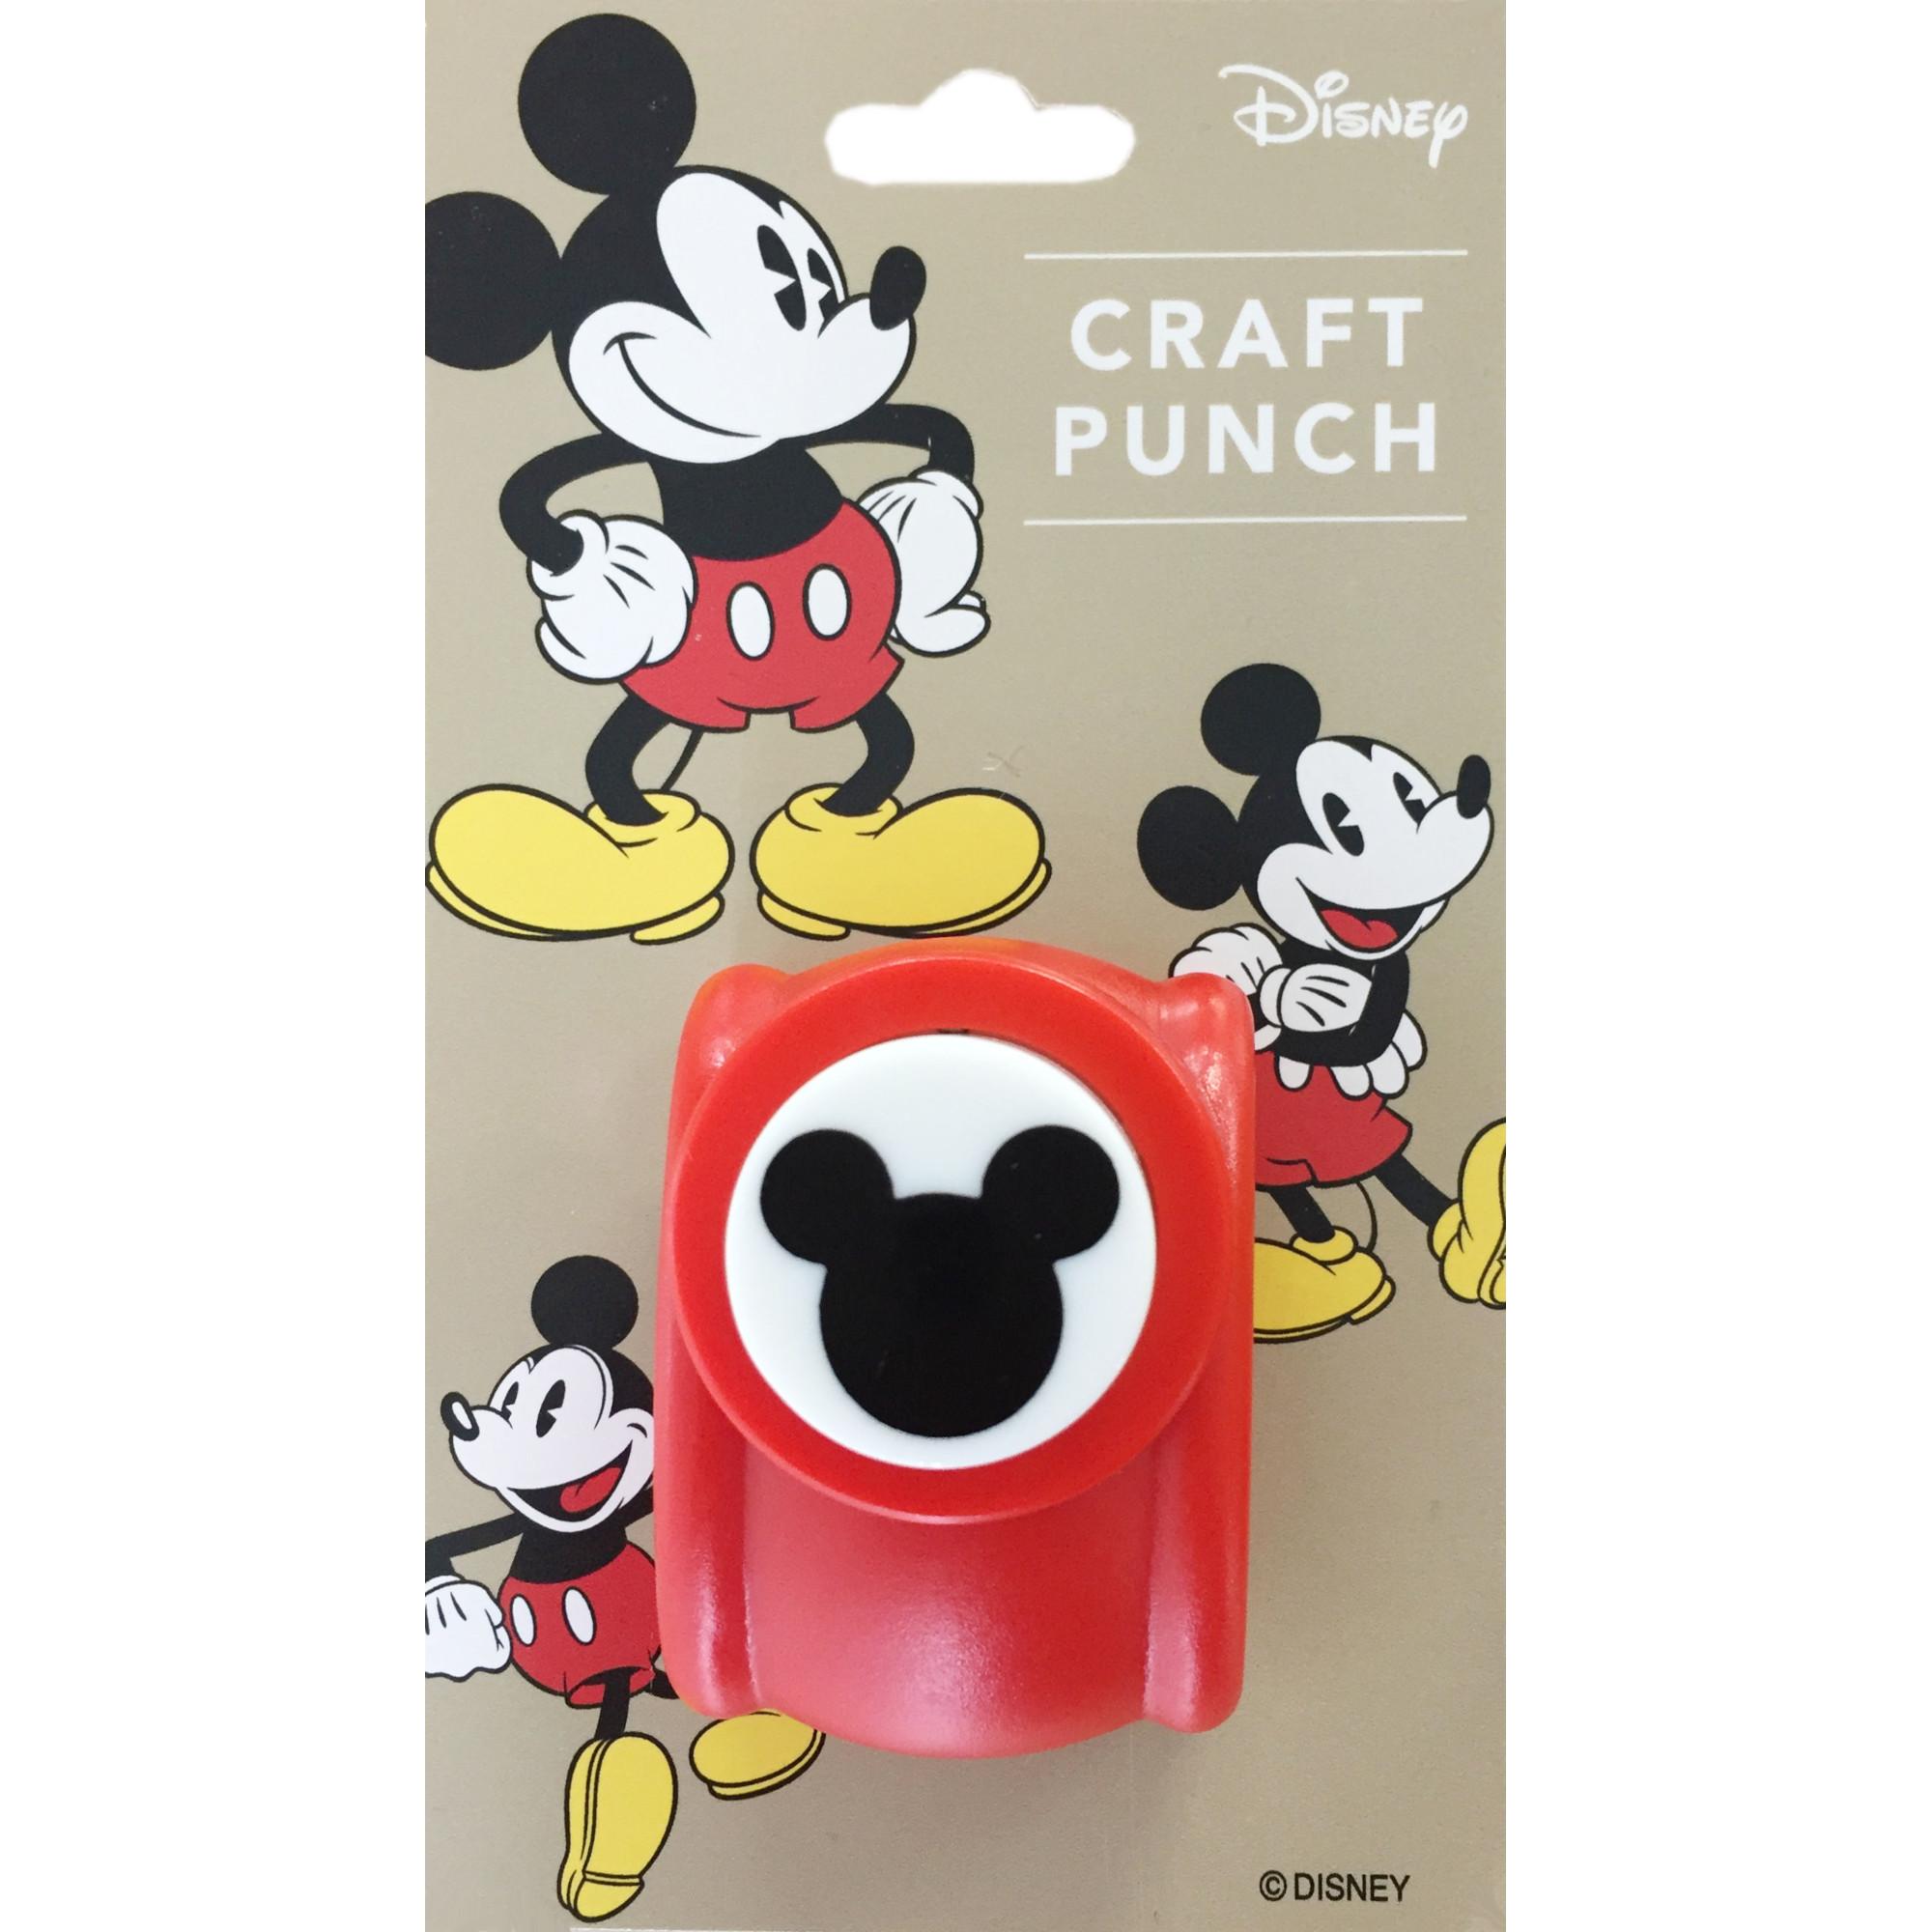 【クラフトパンチ/Disney】ディズニーパンチ ミッキーM